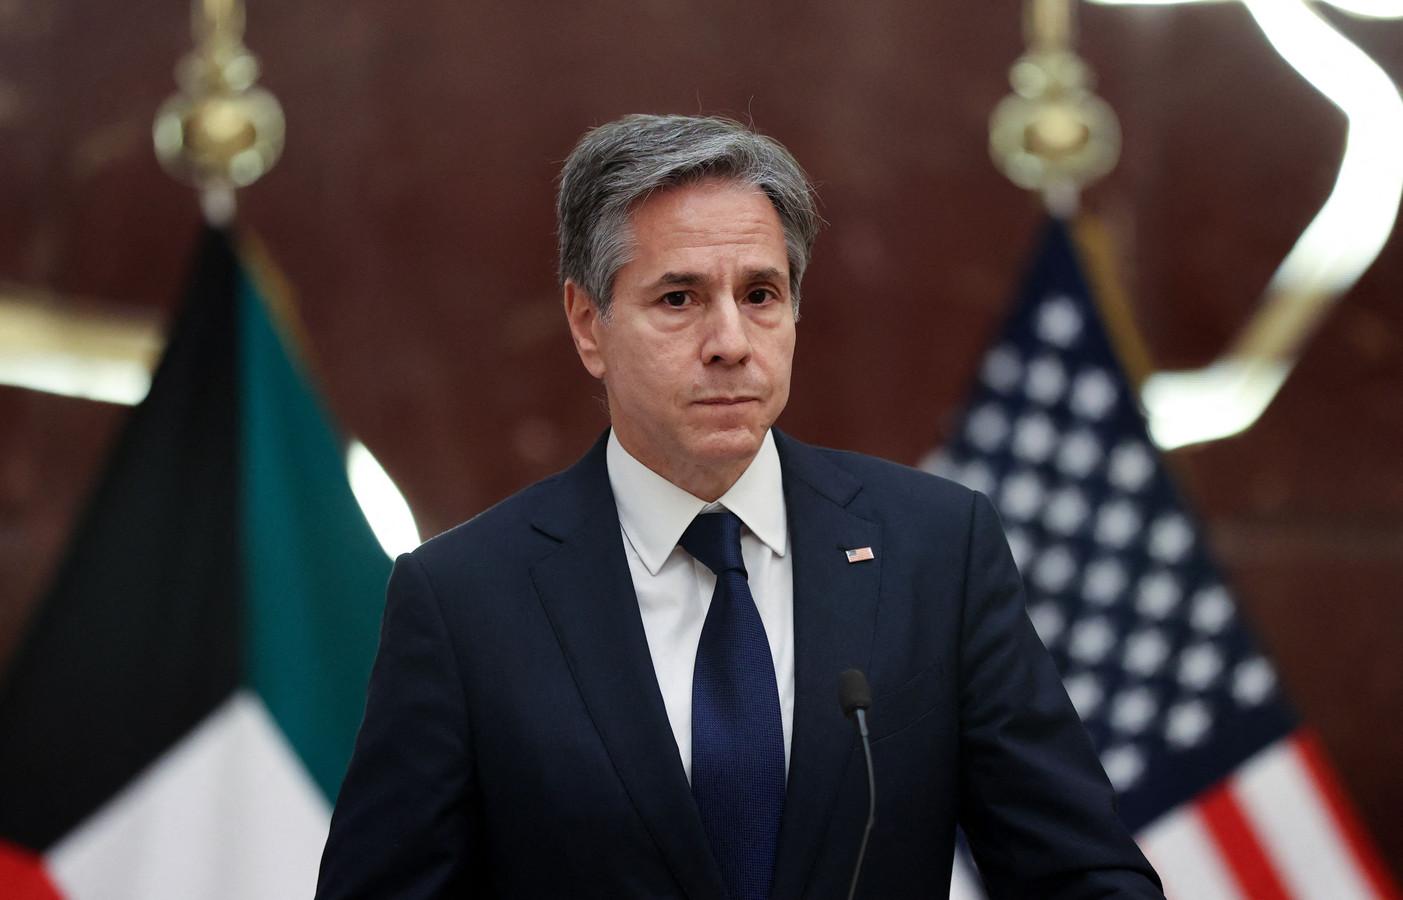 Le secrétaire d'État américain Antony Blinken lors d'une conférence de presse au Koweït, le 29 juillet 2021.